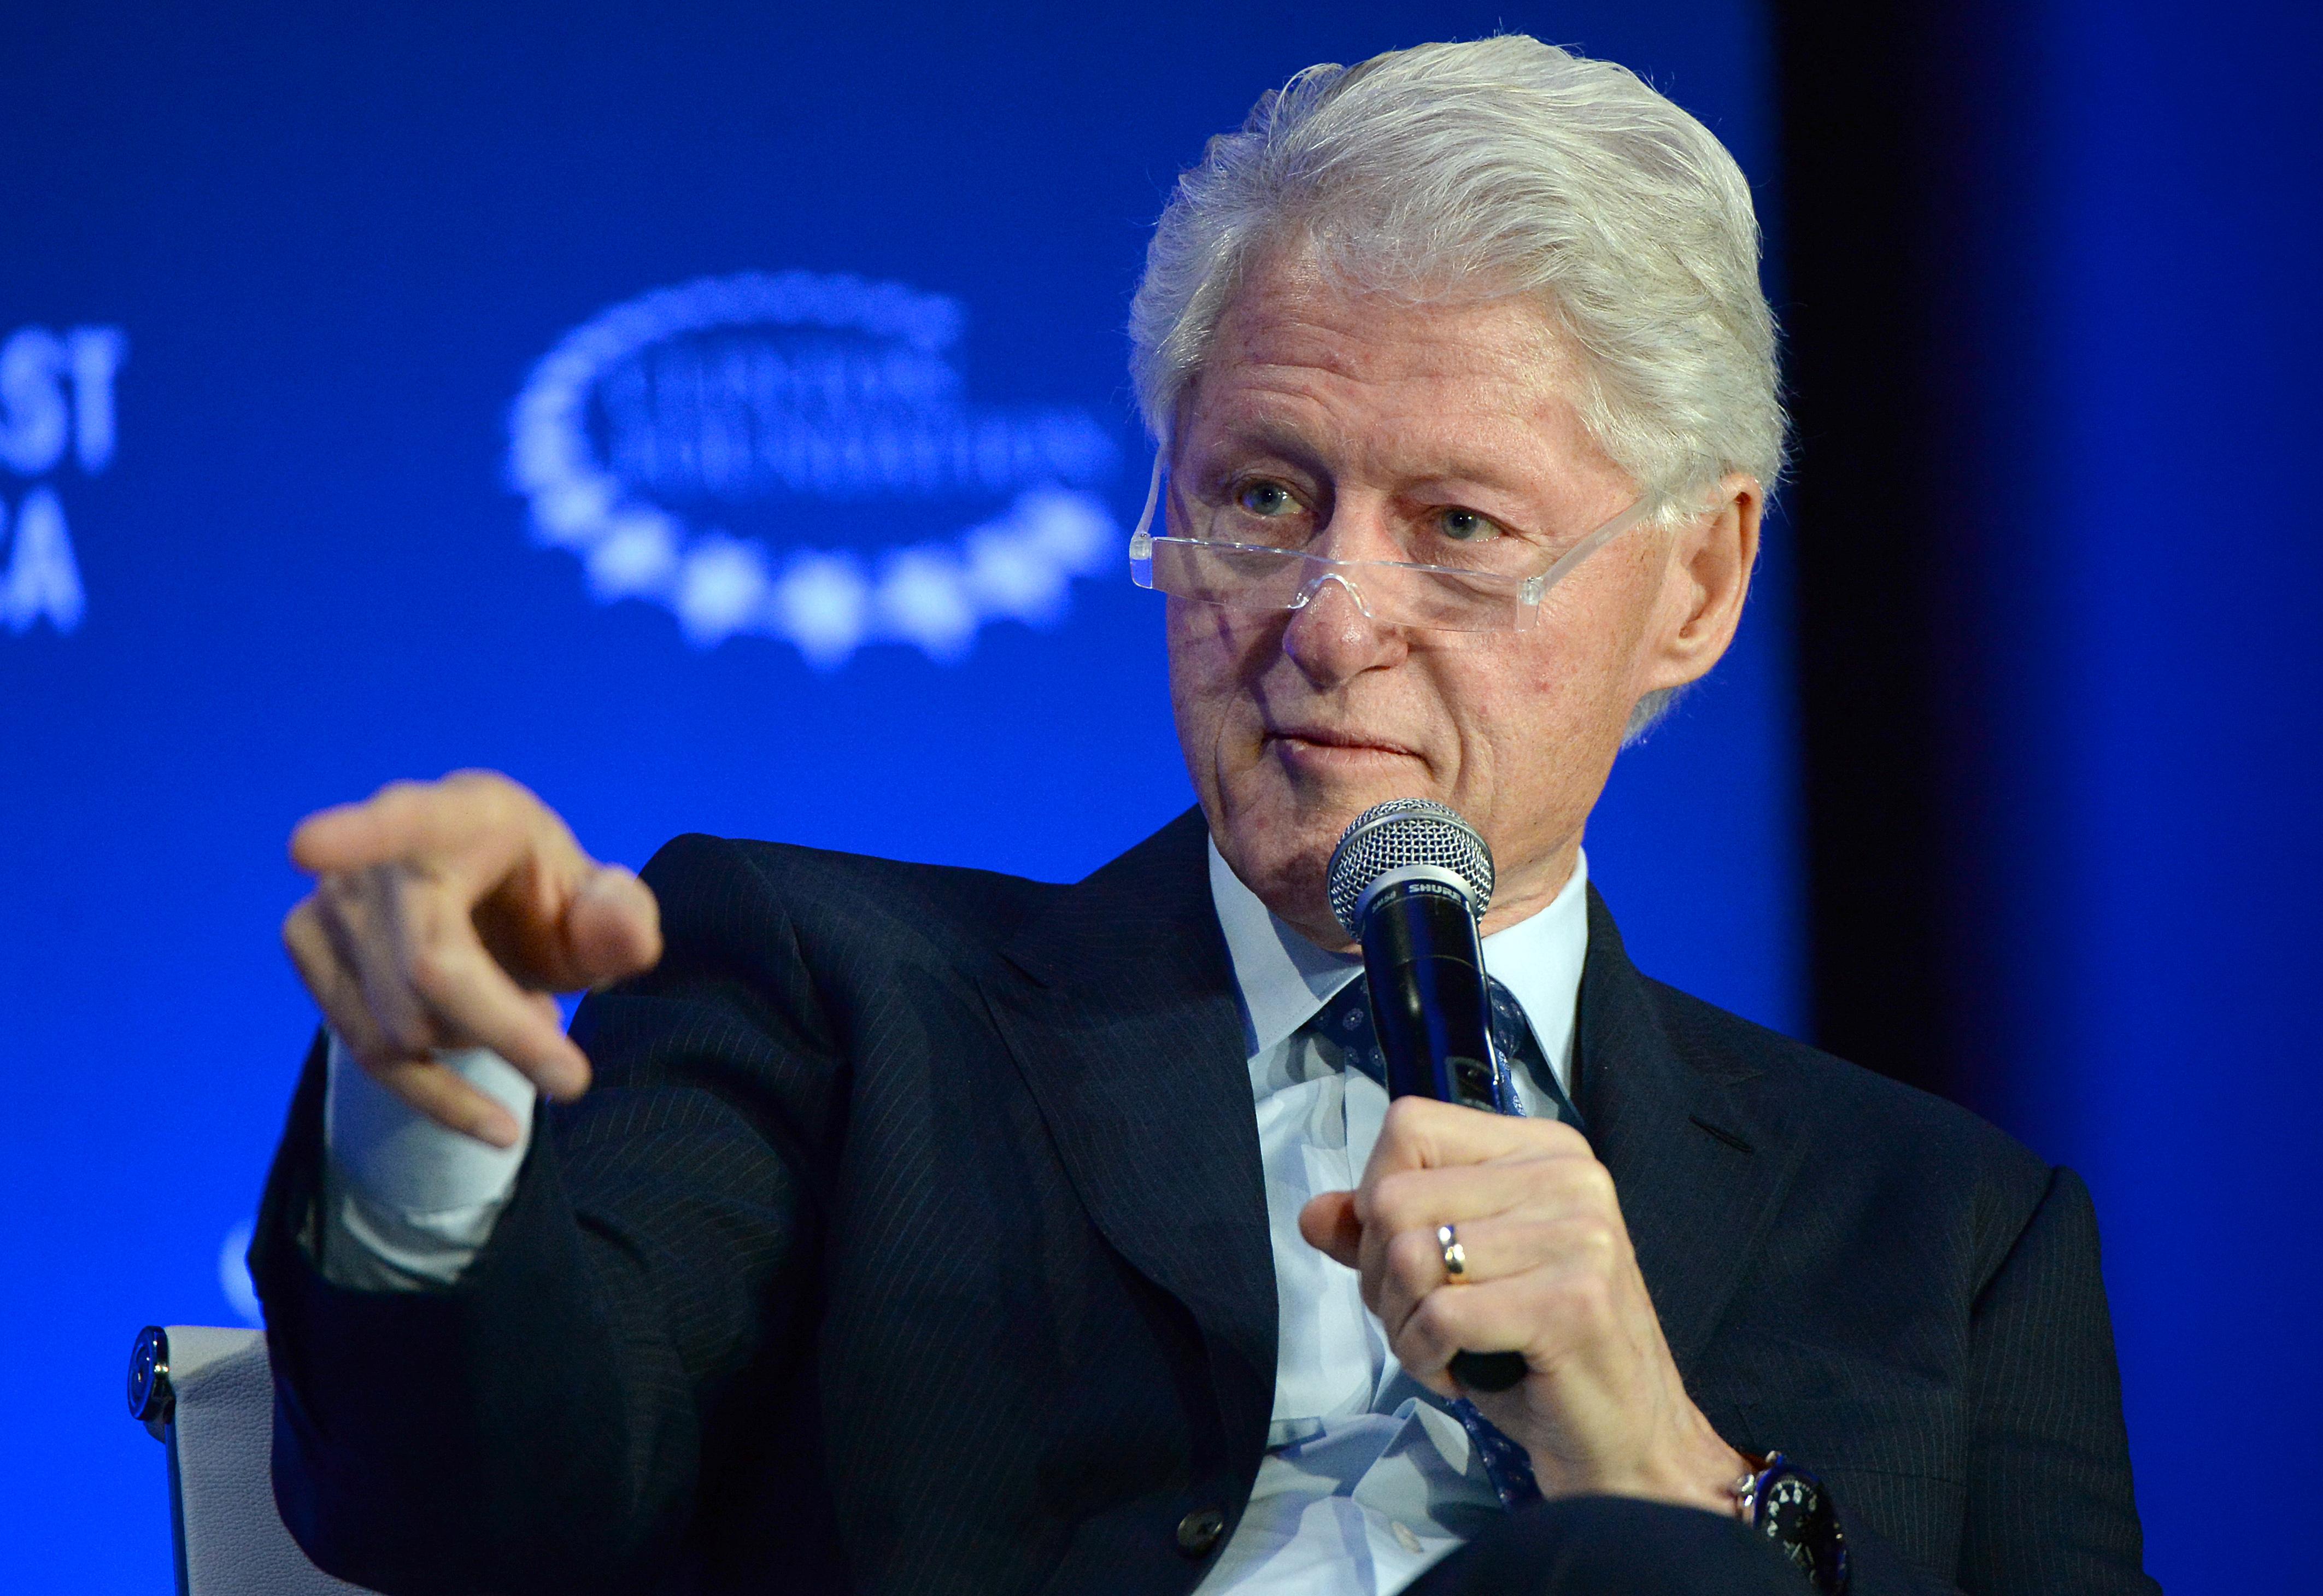 الرئيس الأسبق بيل كلينتون في مداخلة له في مؤتمر مراكش